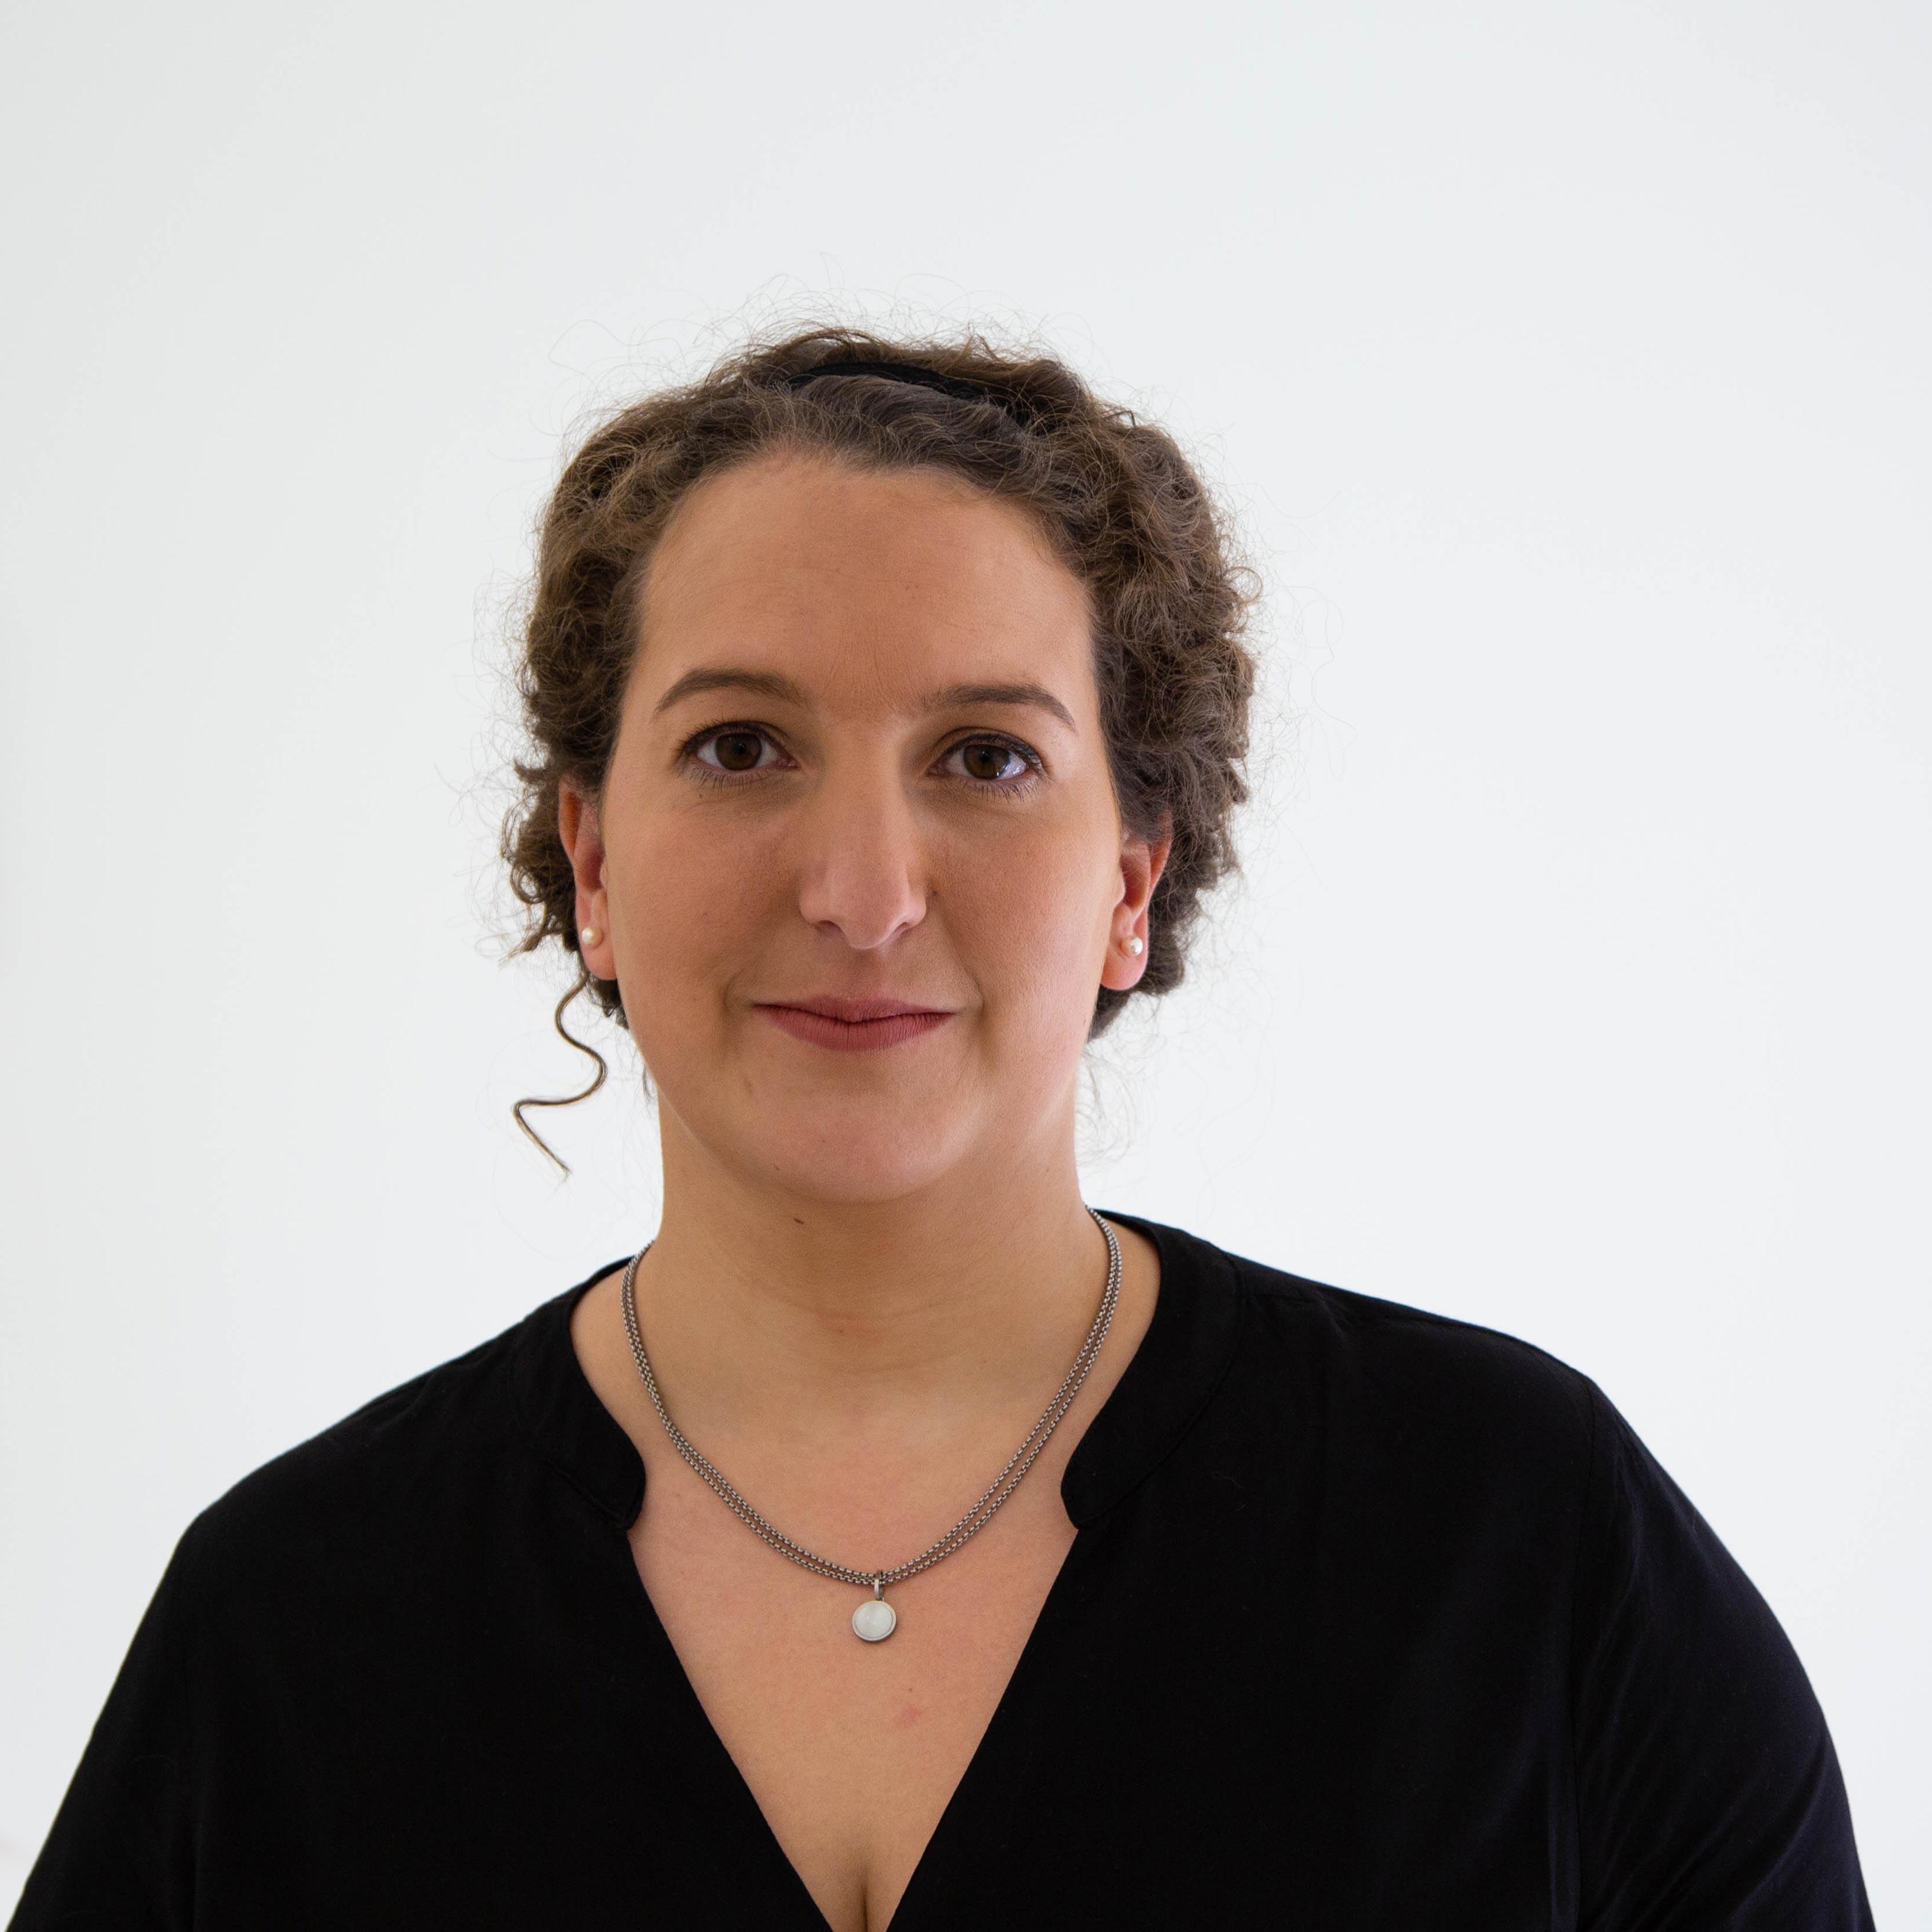 Sarina Forer